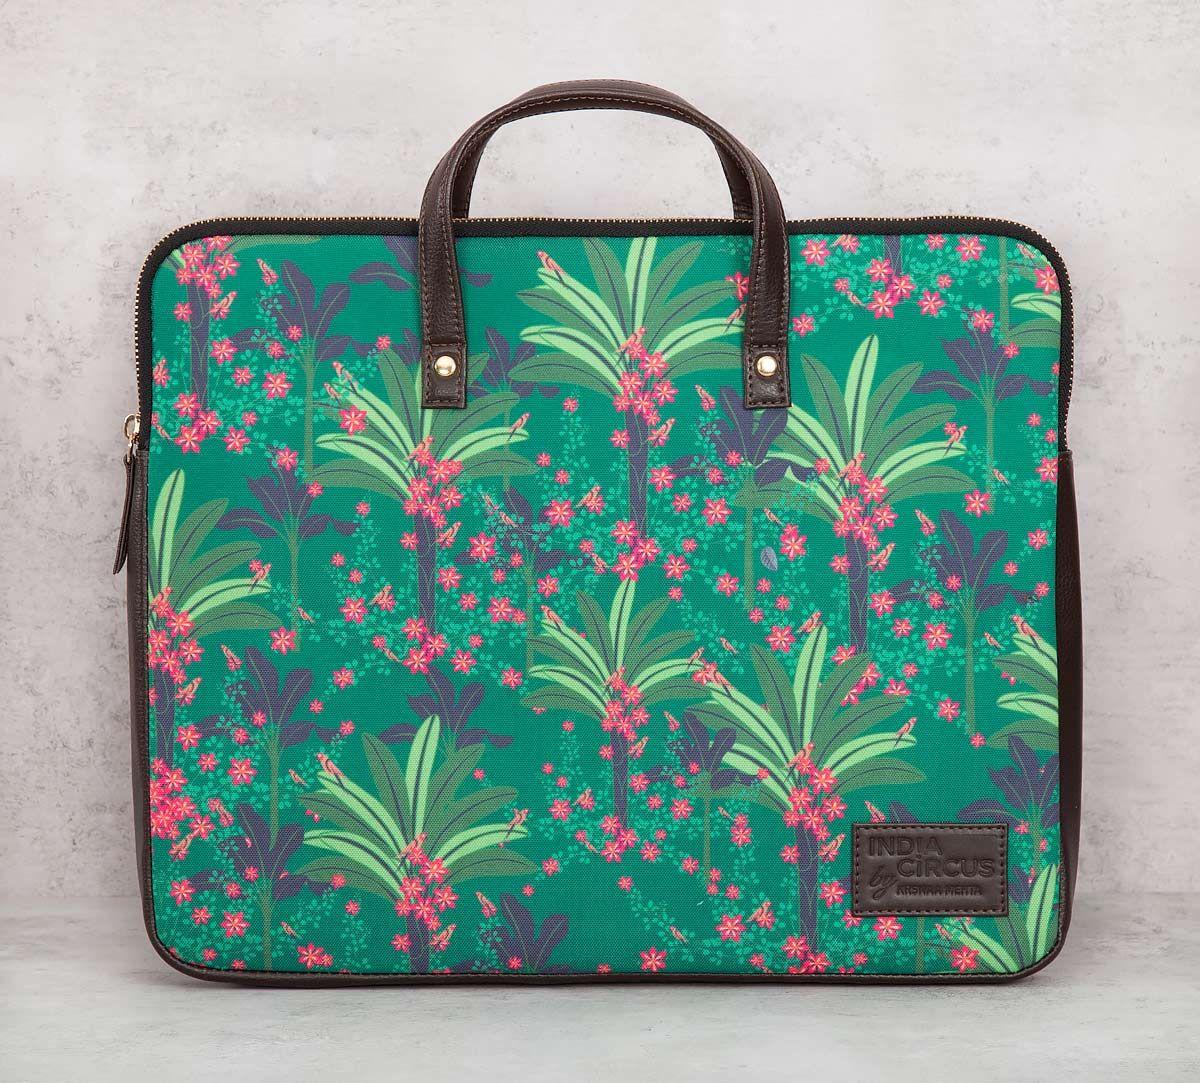 India Circus Royal Palms Laptop Bag